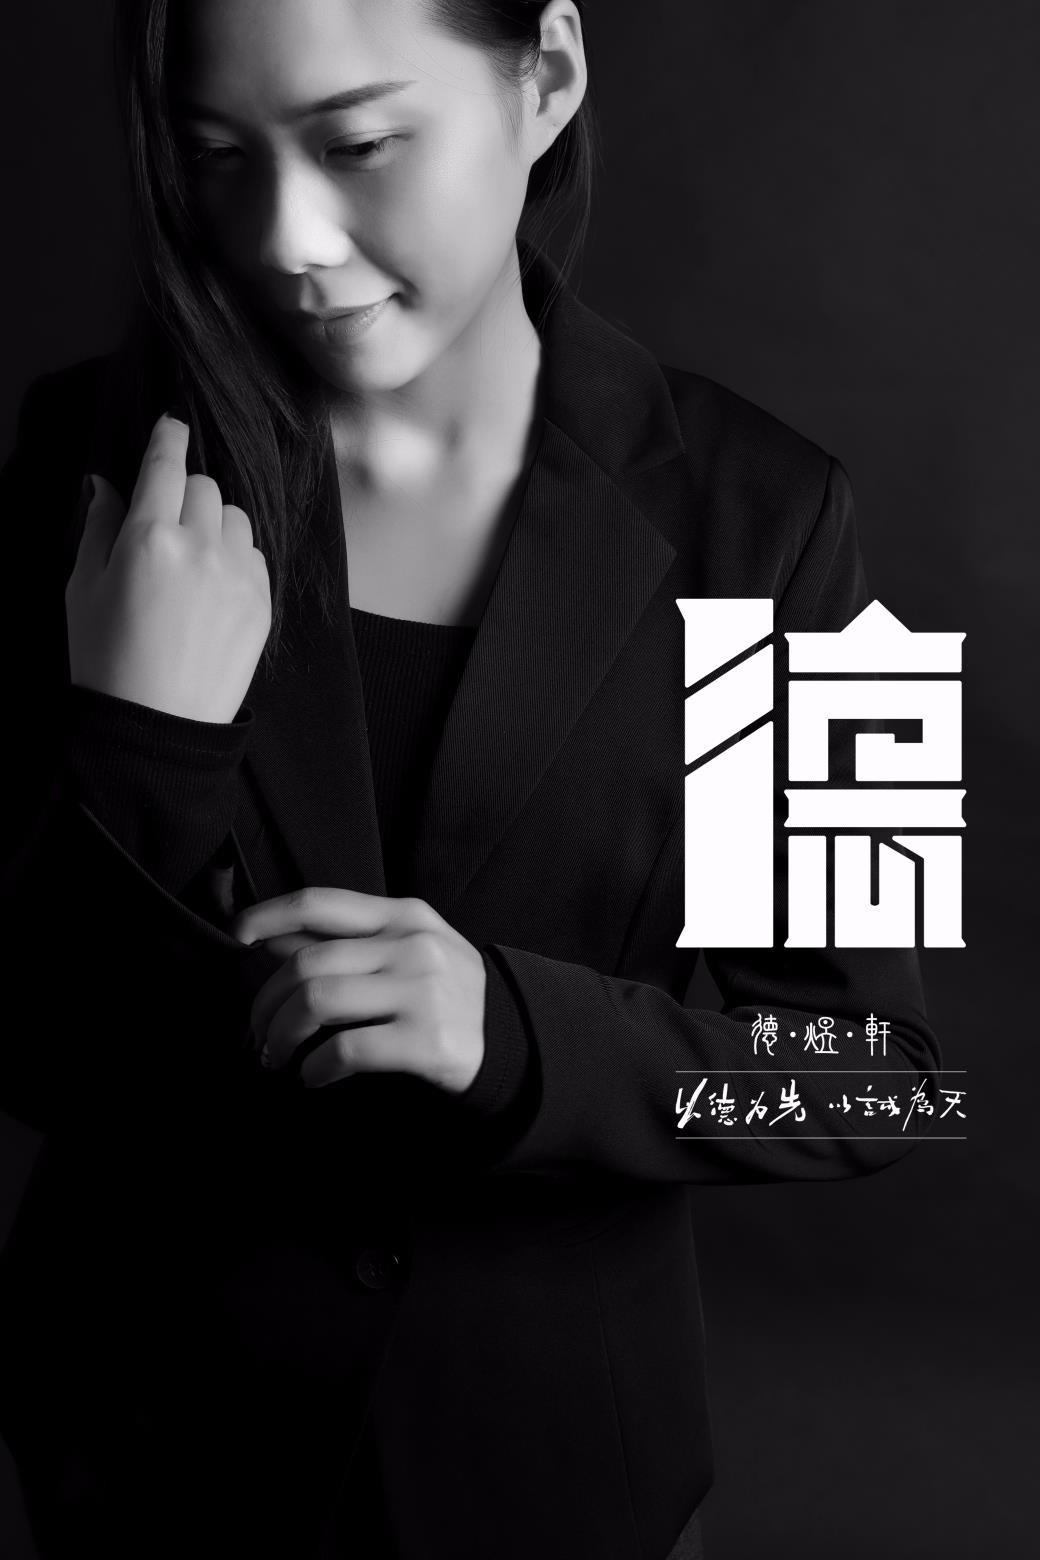 贵州德煜轩文化创意有限公司-毛丽娟